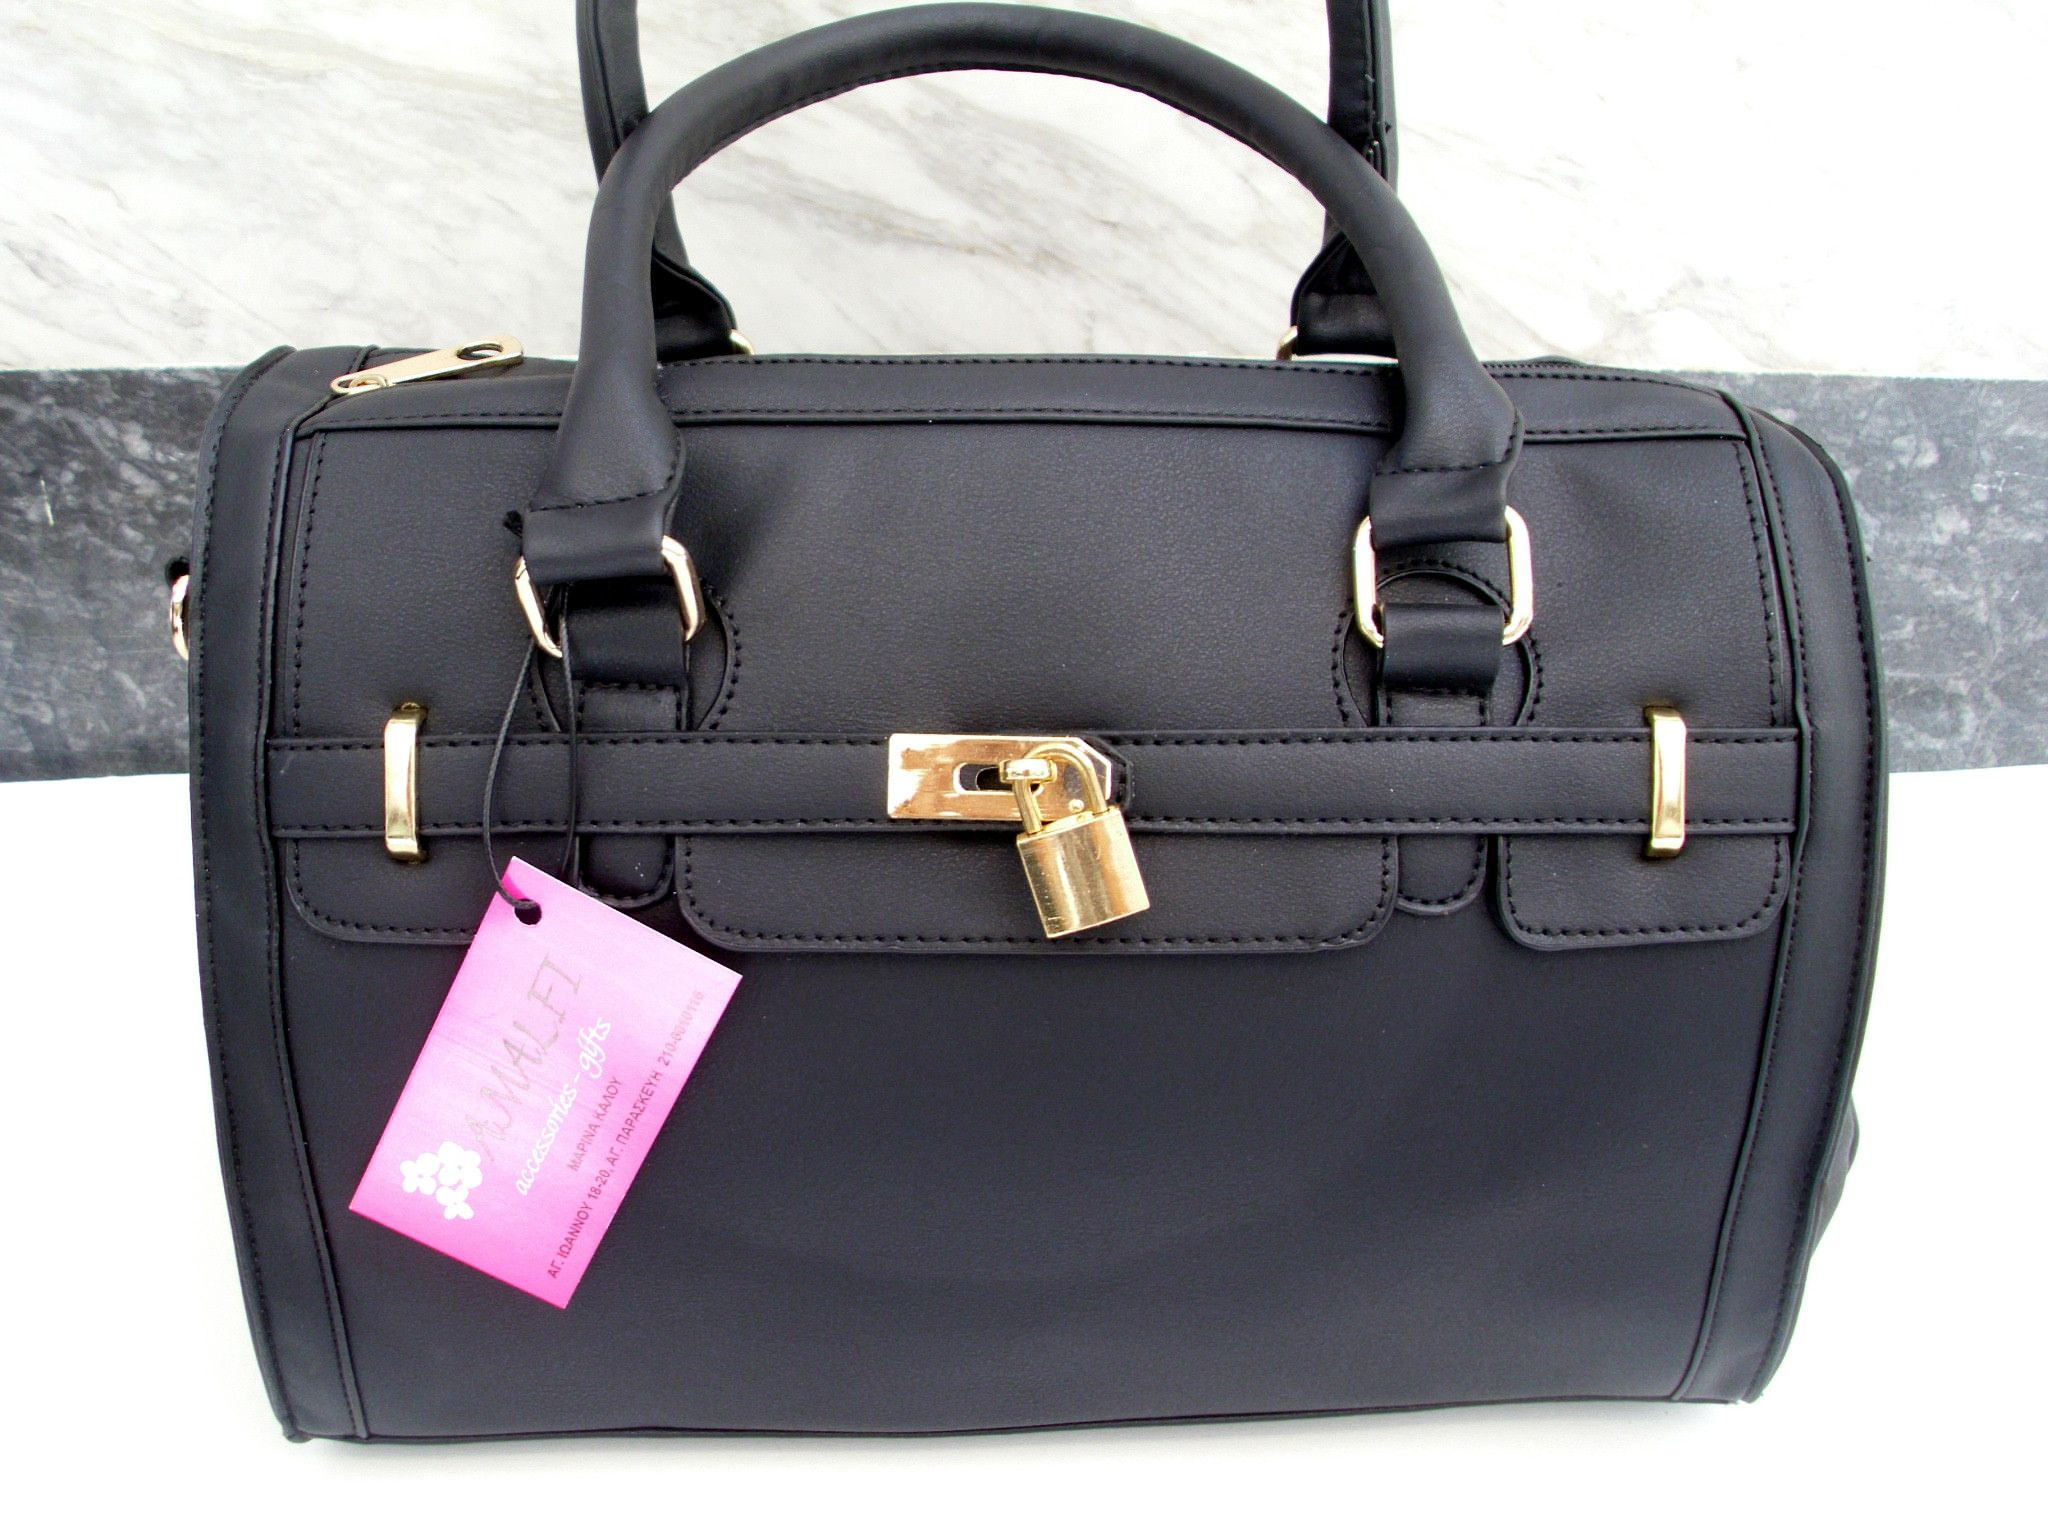 f4012bf1a2 ς την τσάντα των ονείρων σου στο http   amalfiaccessories.gr tsantes